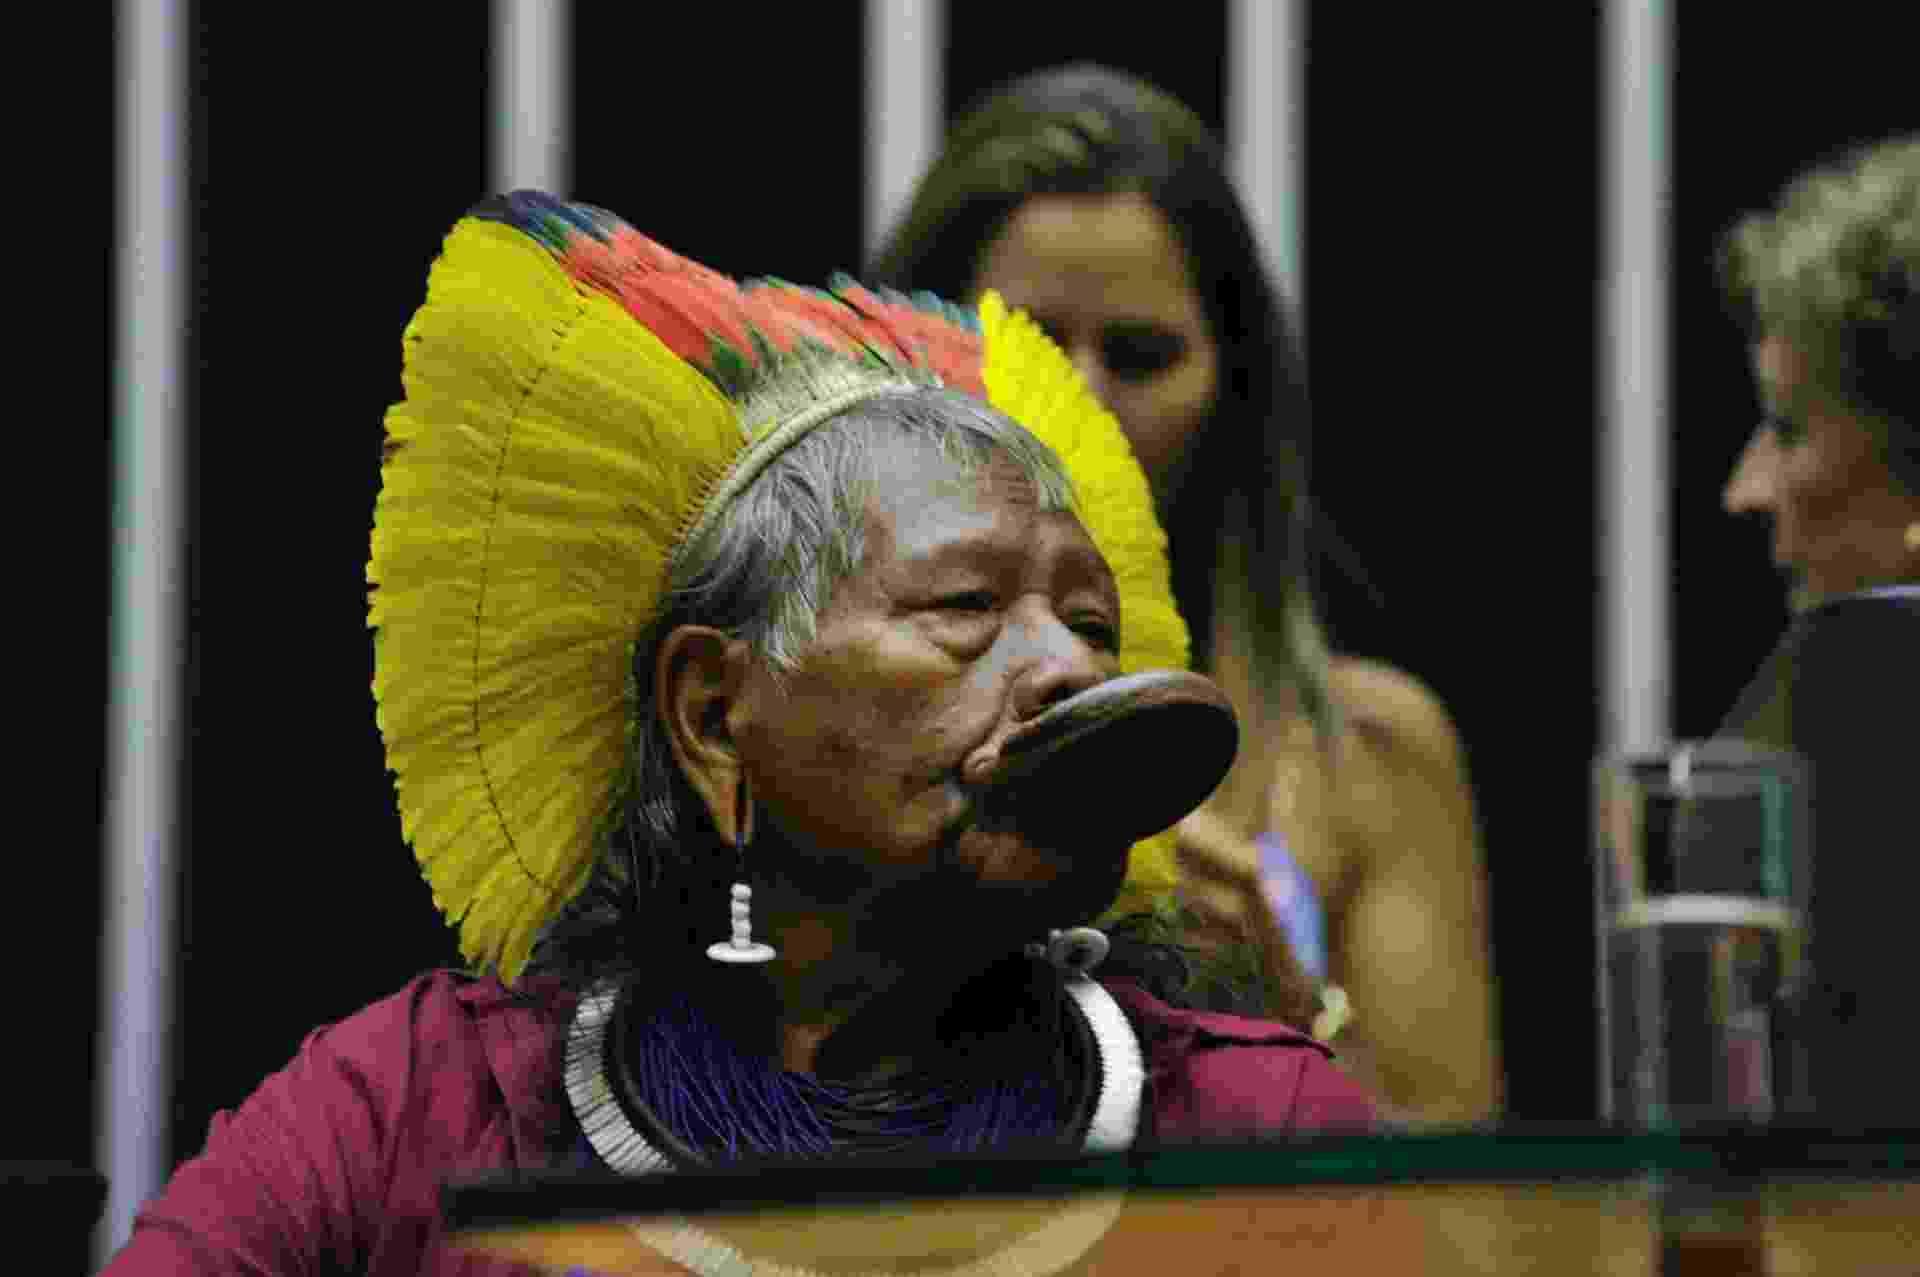 16.abr.2015 - Cacique Raoni Metuktire participa juntamente com outras lideranças indígenas de sessão solene na Câmara dos Deputados em homenagem ao Dia do Índio, comemorado em 19 de abril. Desde terça-feira (14), quando deram início ao Acampamento Terra Livre, as lideranças indígenas cumprem agenda no Parlamento onde apresentam suas reivindicações - Geraldo Magela/Agência Senado